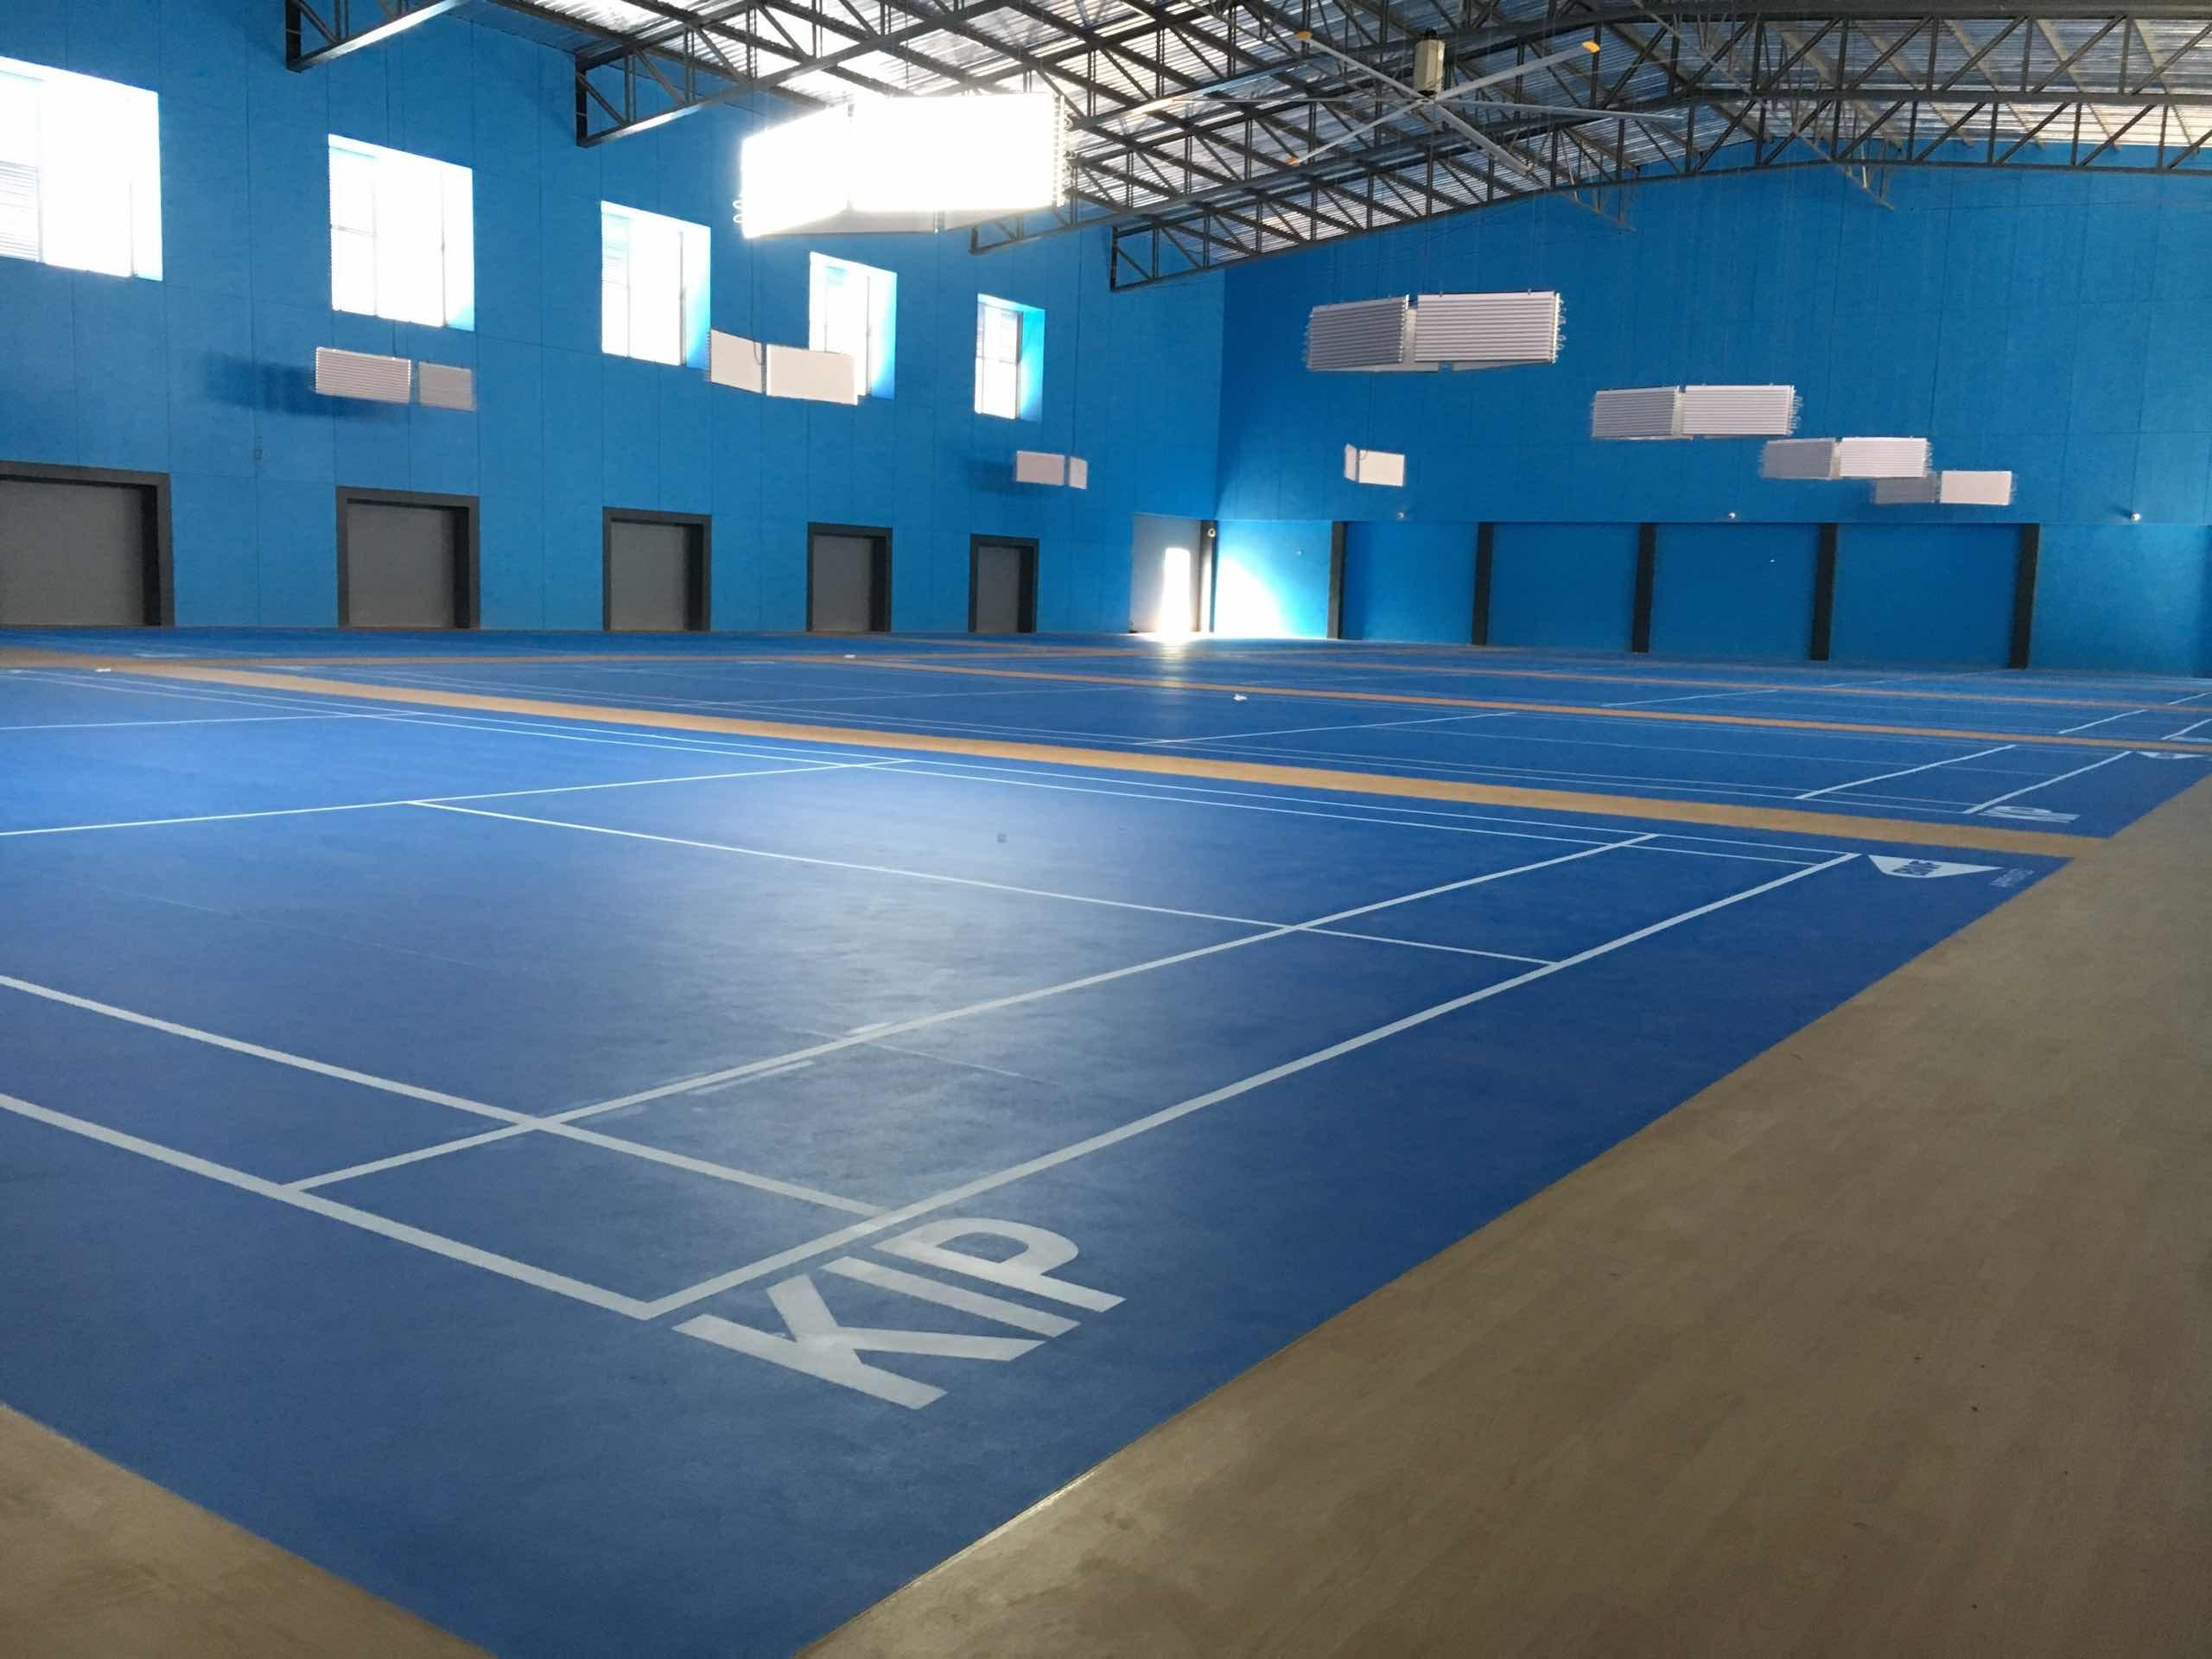 Pvc Indoor Outdoor Badminton Sports Court Floor